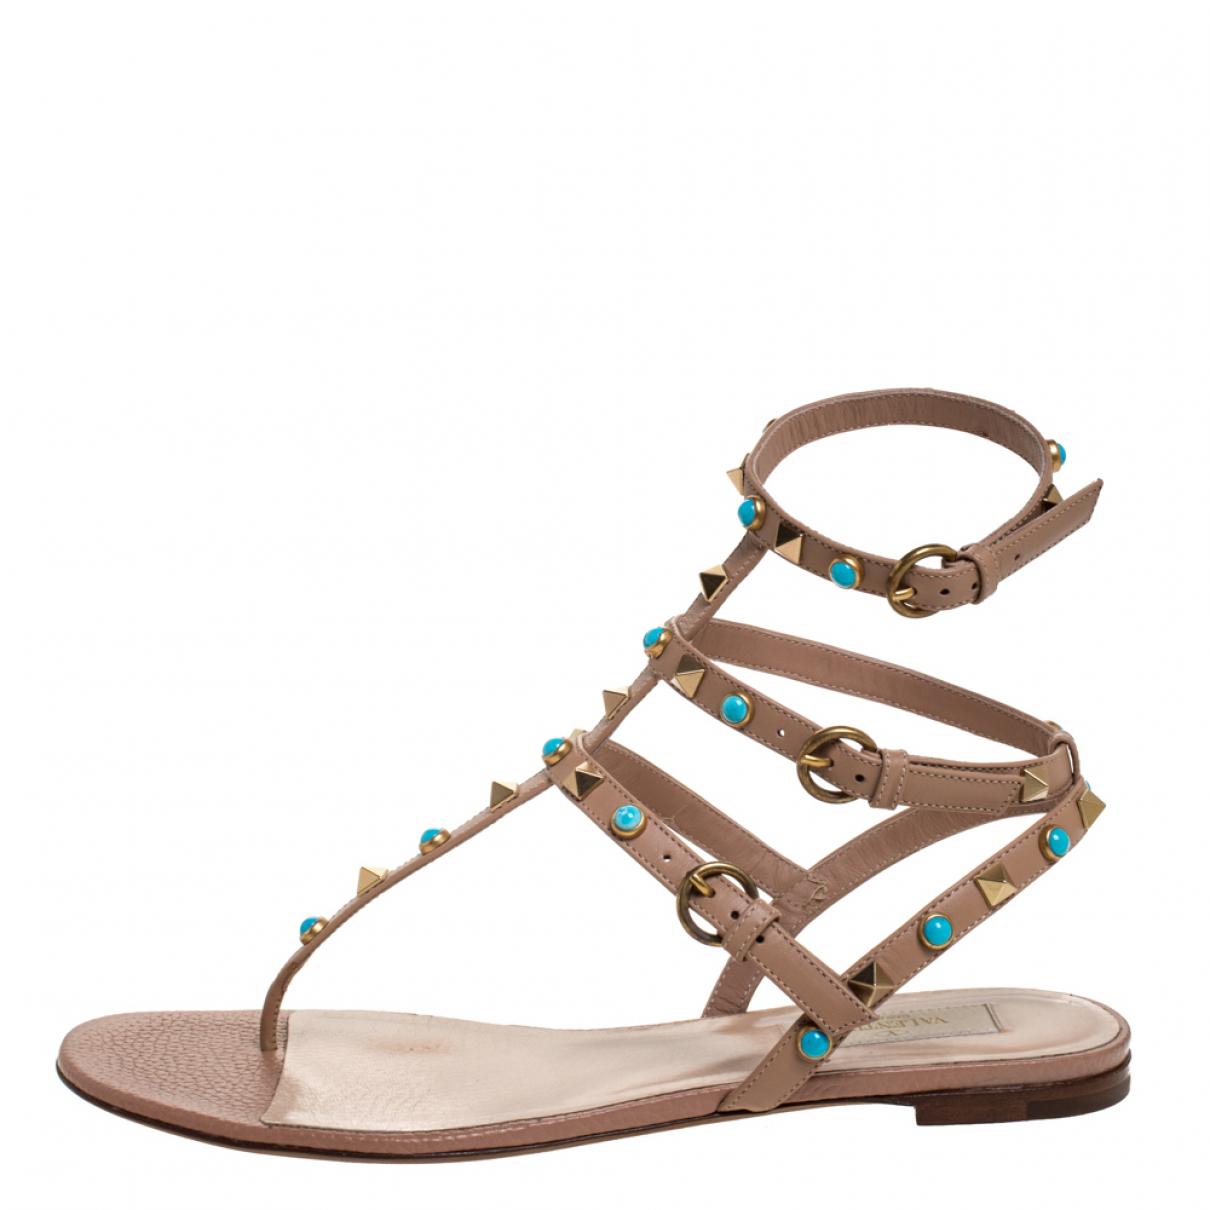 Valentino Garavani \N Beige Leather Sandals for Women 8 US